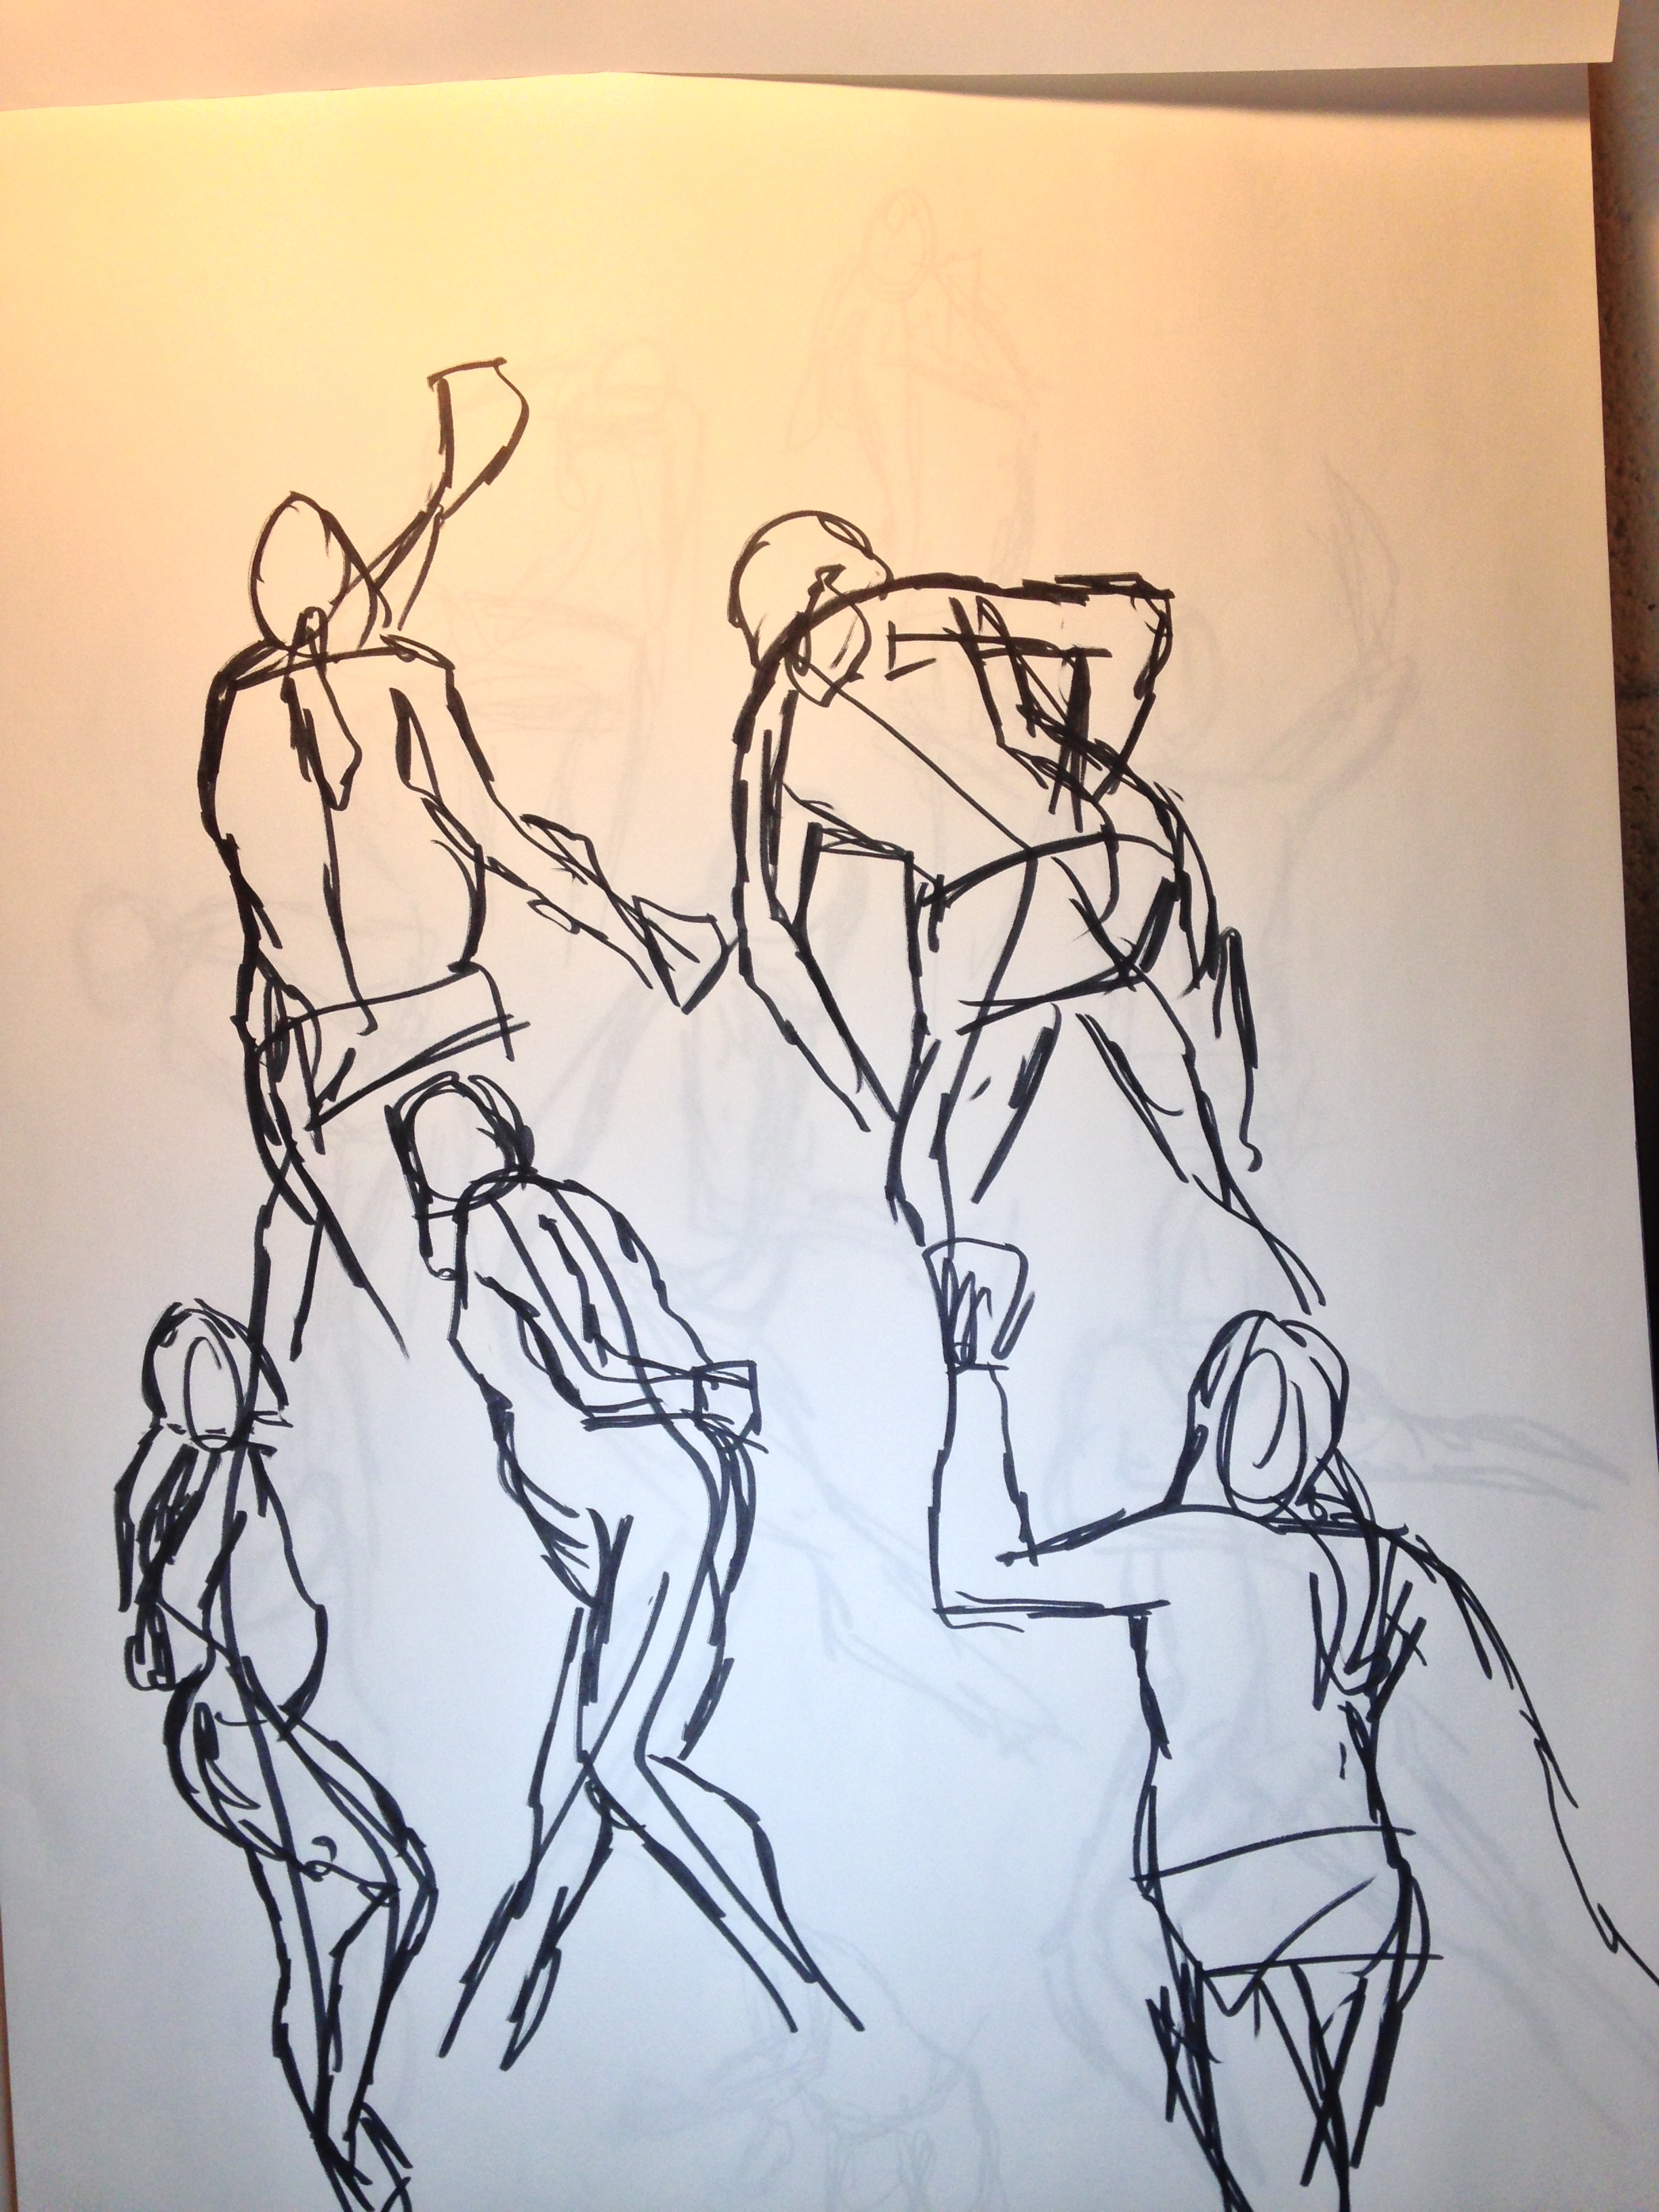 ginger gestures1